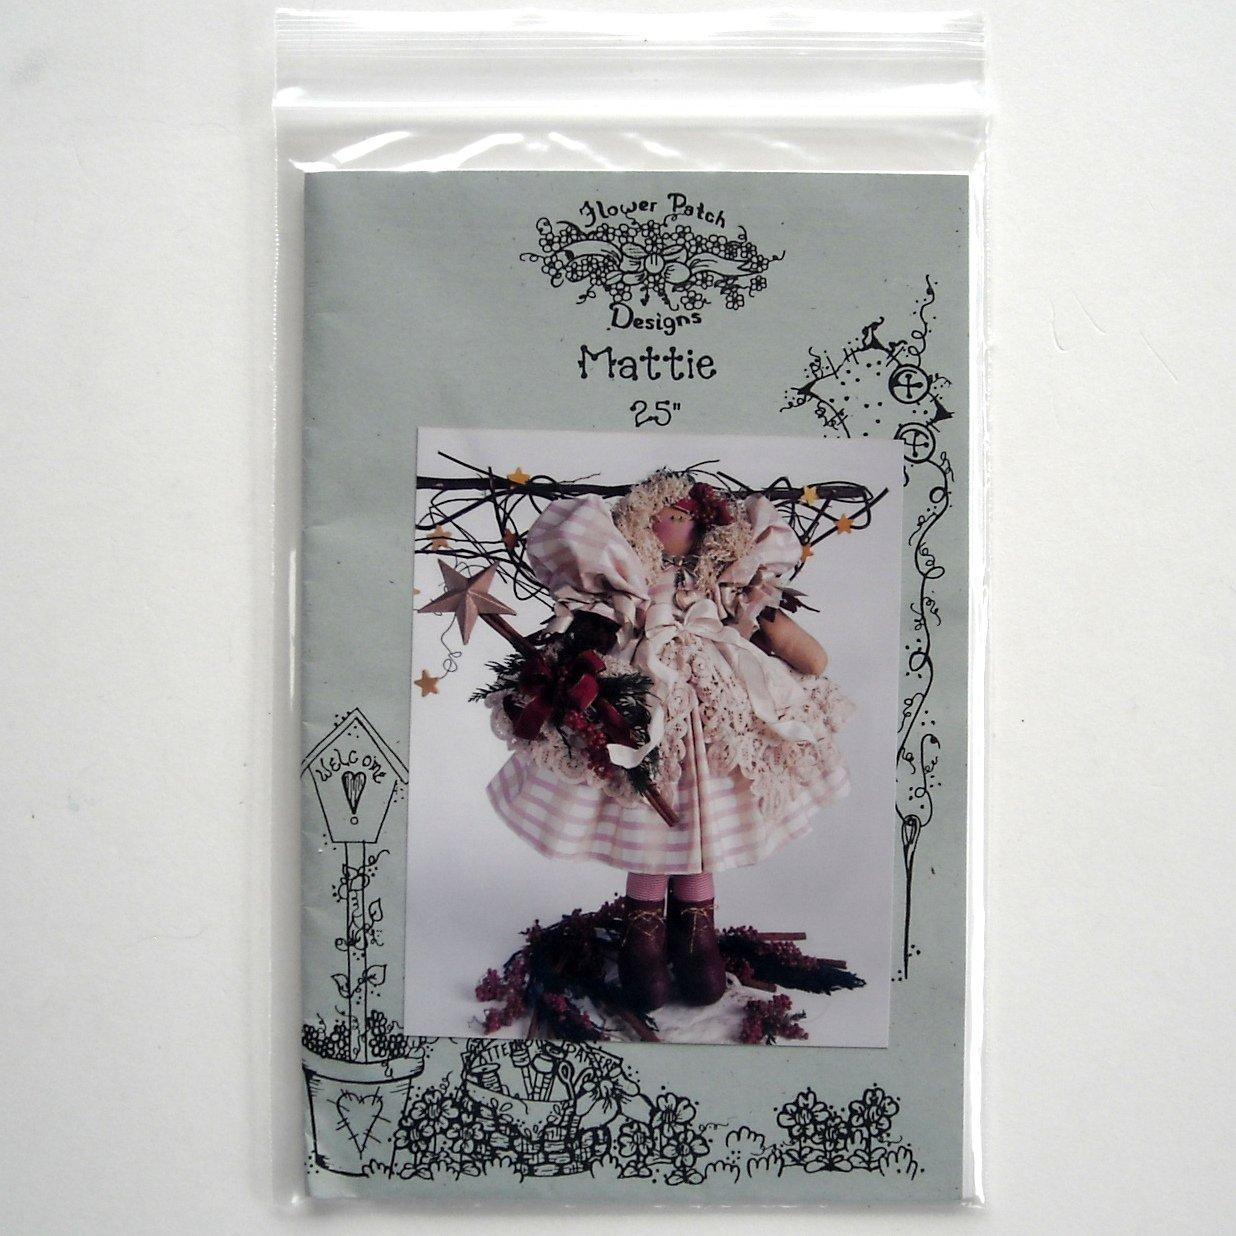 Flower Patch 1996 25 inch Mattie Doll Crafts pattern FP25